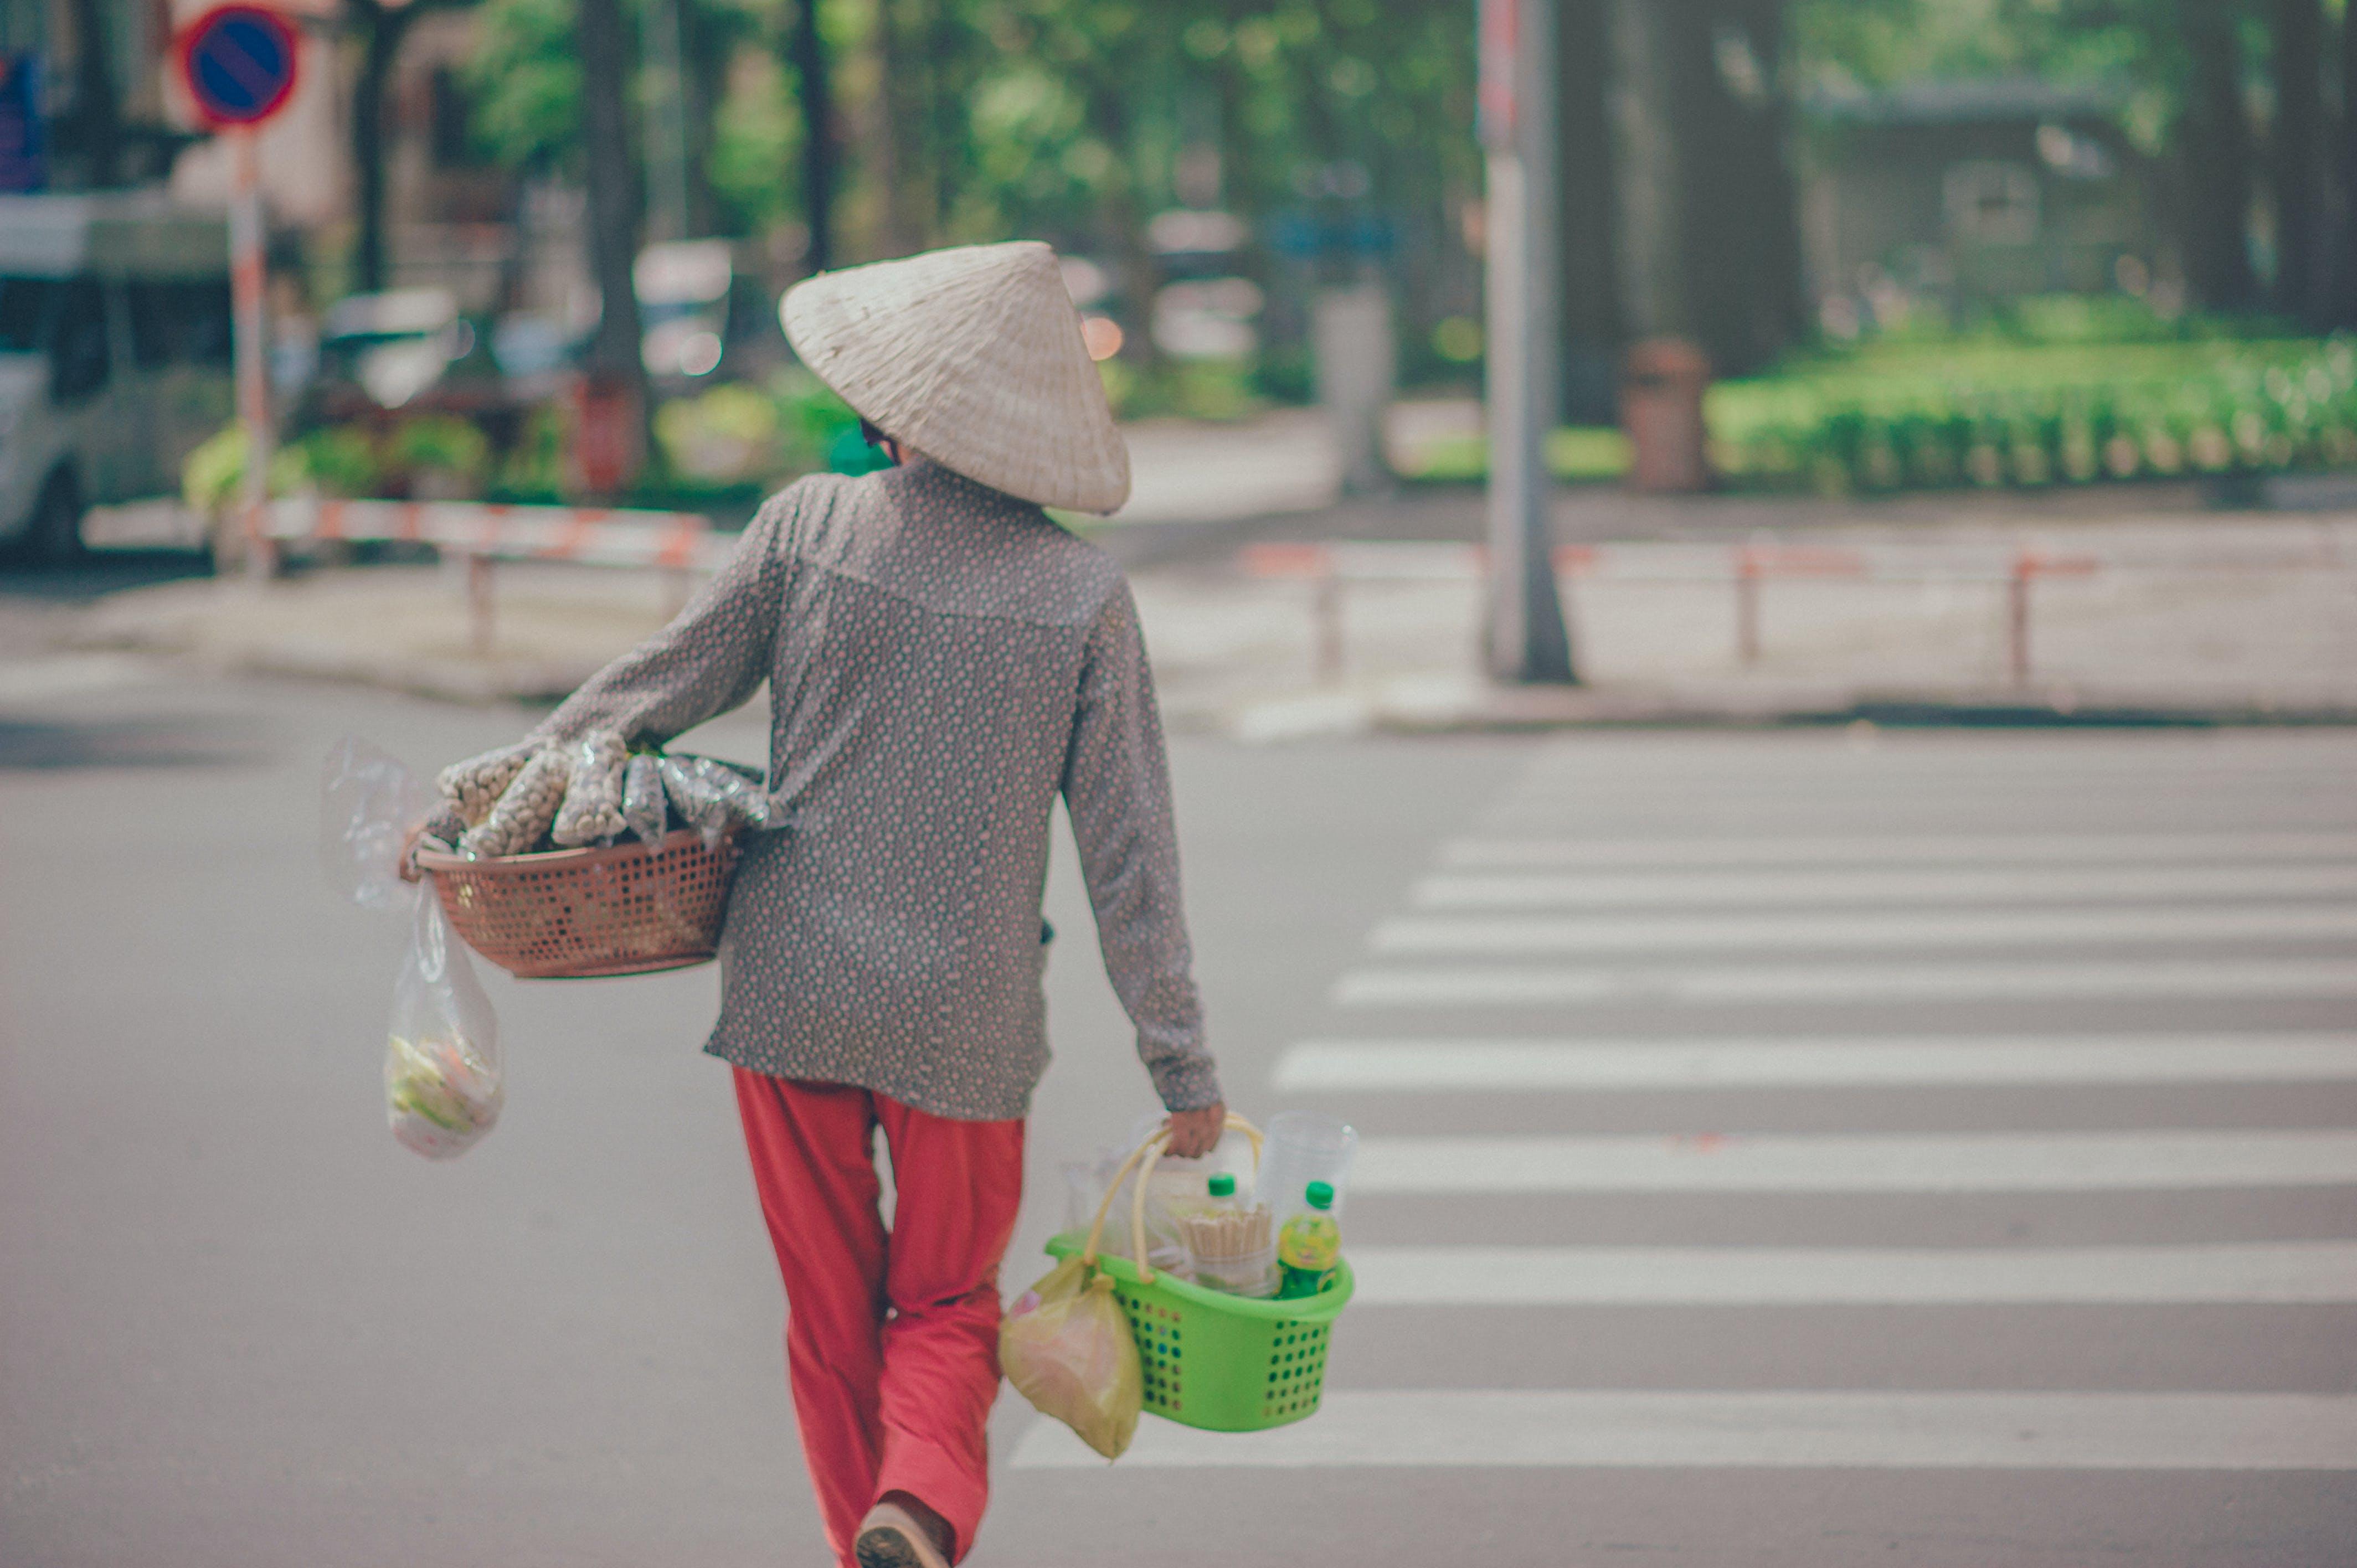 Woman Crossing Pedestrian